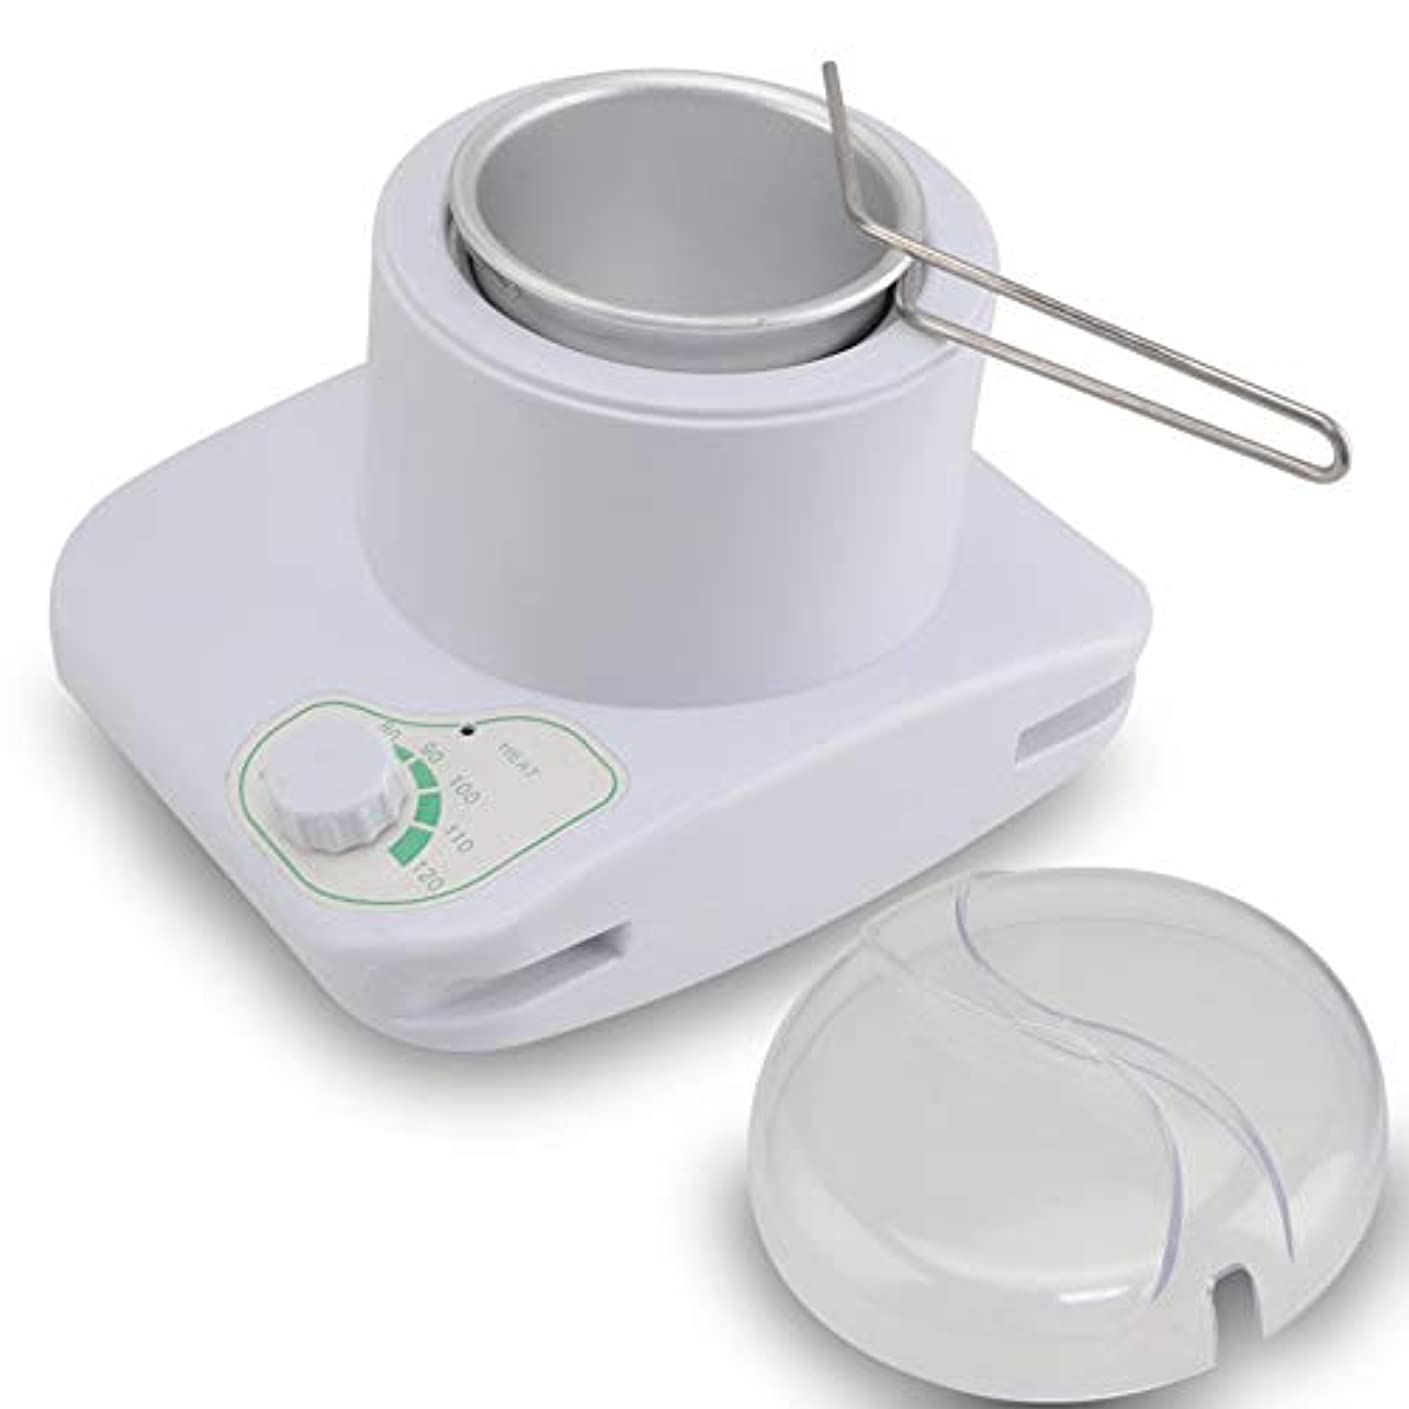 さらに投げるバイパス脱毛のための温度制御室のためのワックス脱毛ワックスヒーターパラフィンヒーターを加熱する電気ワックスマシン